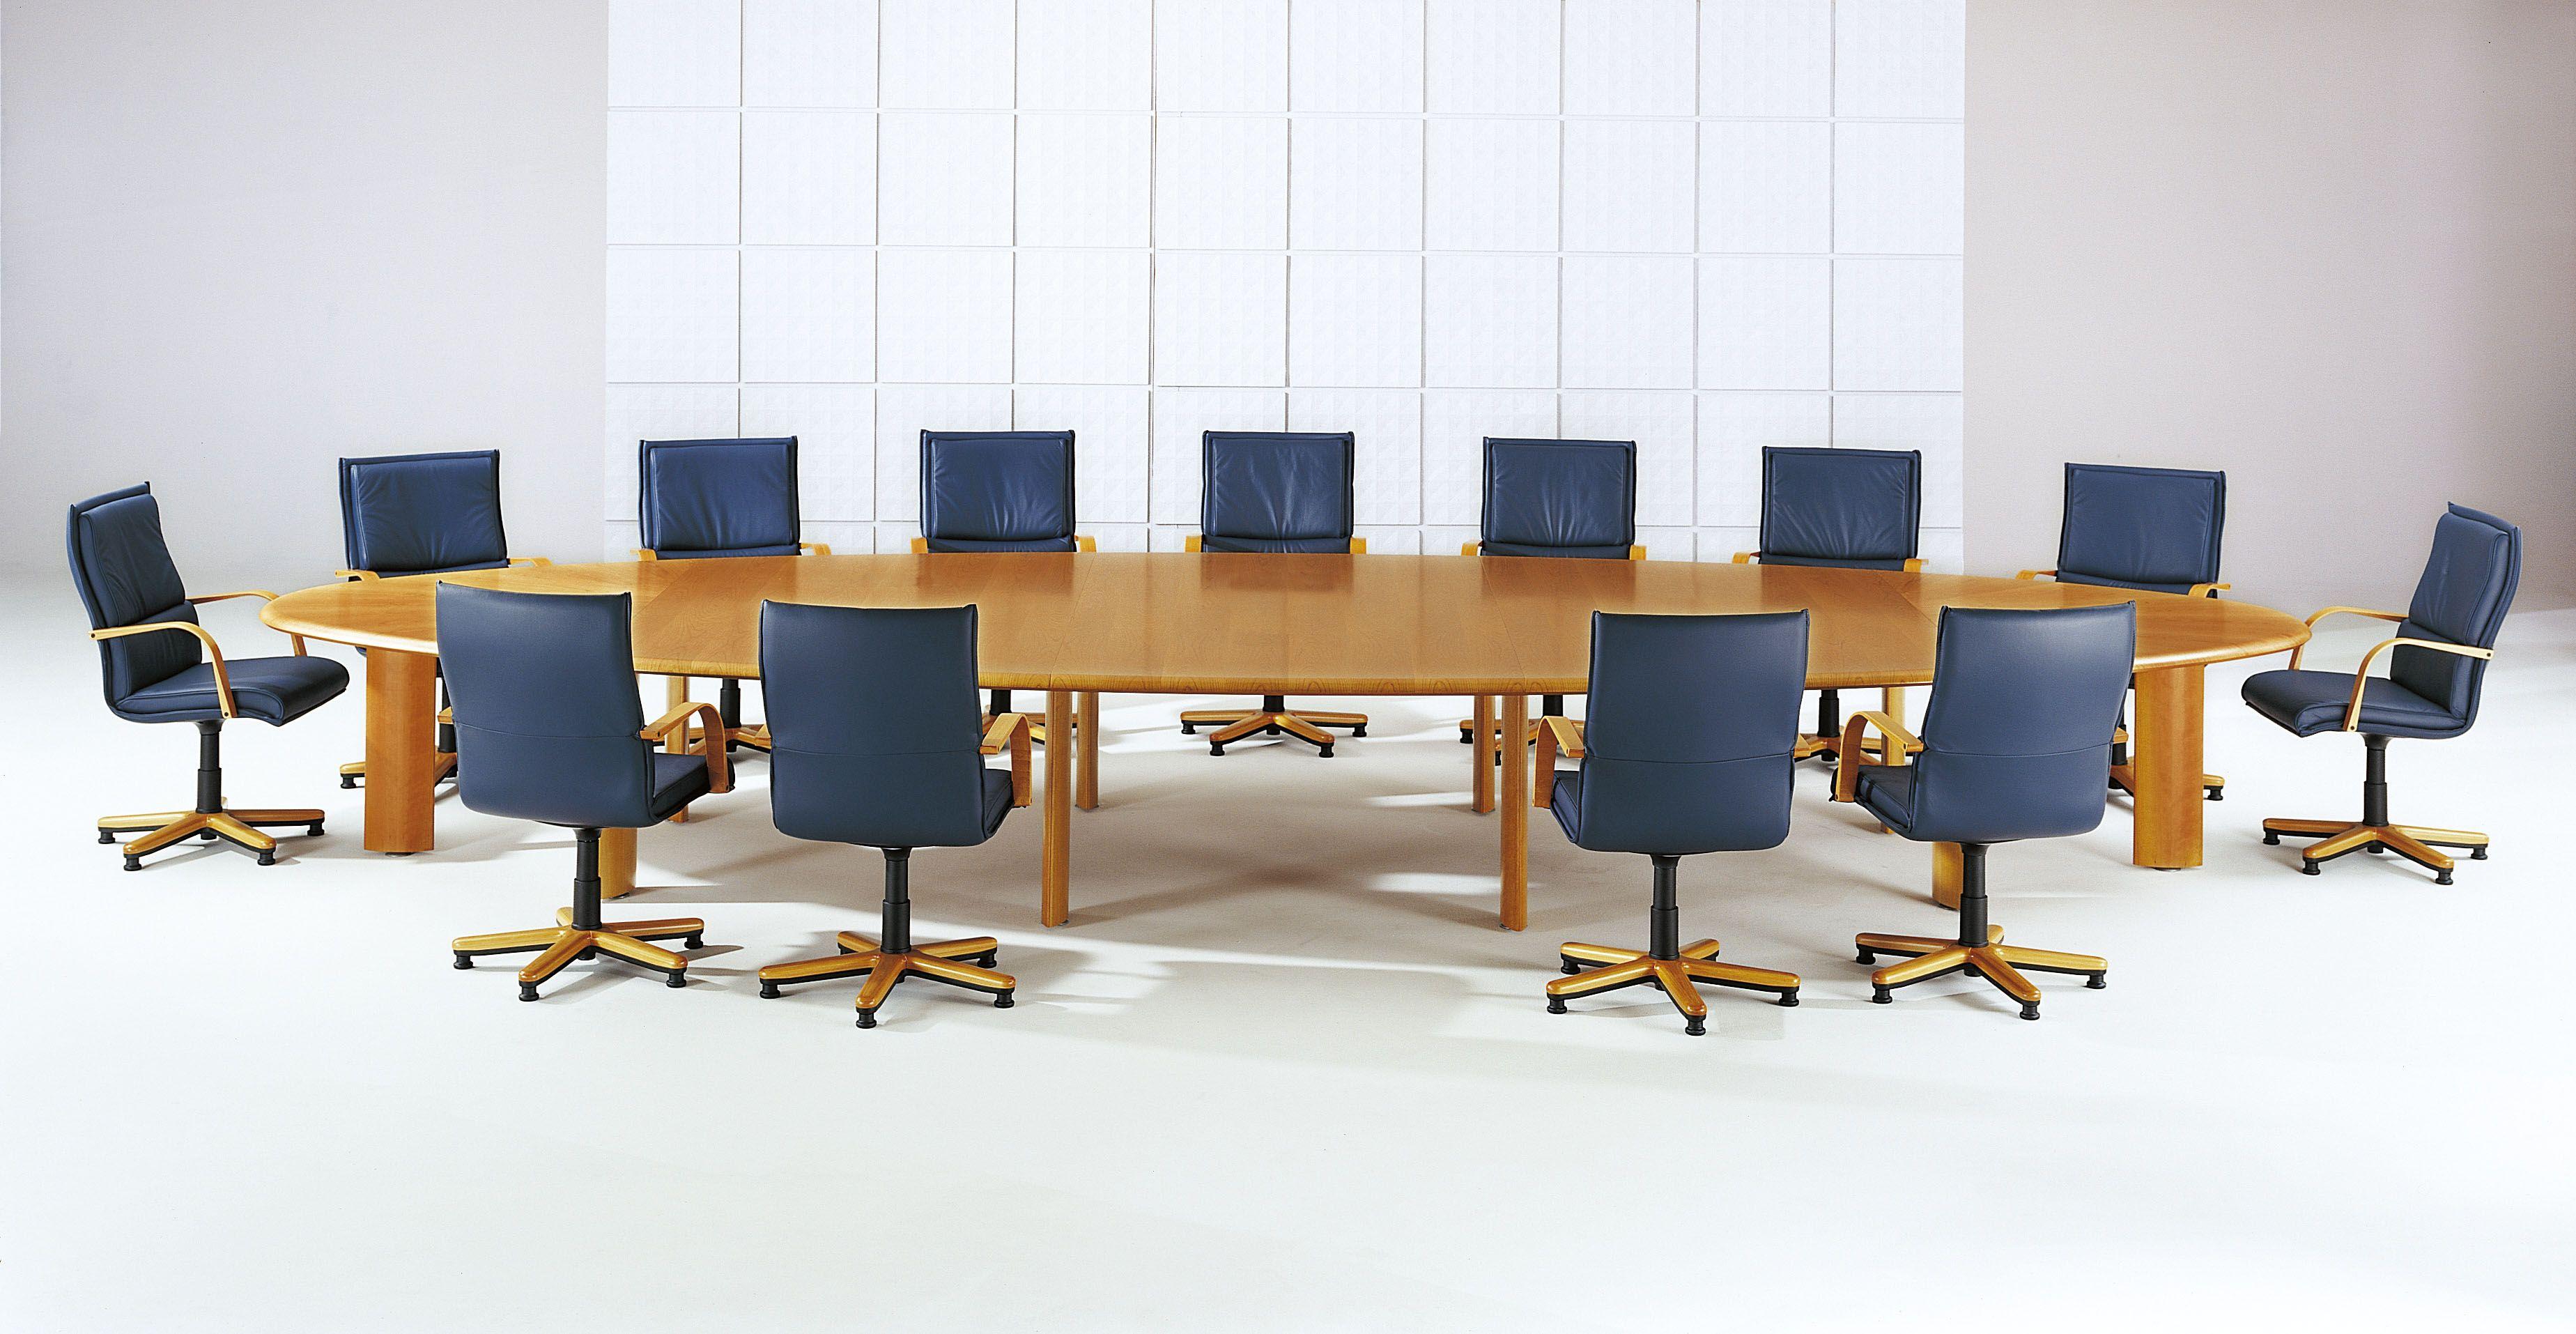 table de r union elliptique merisier 16 personnes lor mab mobilier de bureau pinterest. Black Bedroom Furniture Sets. Home Design Ideas